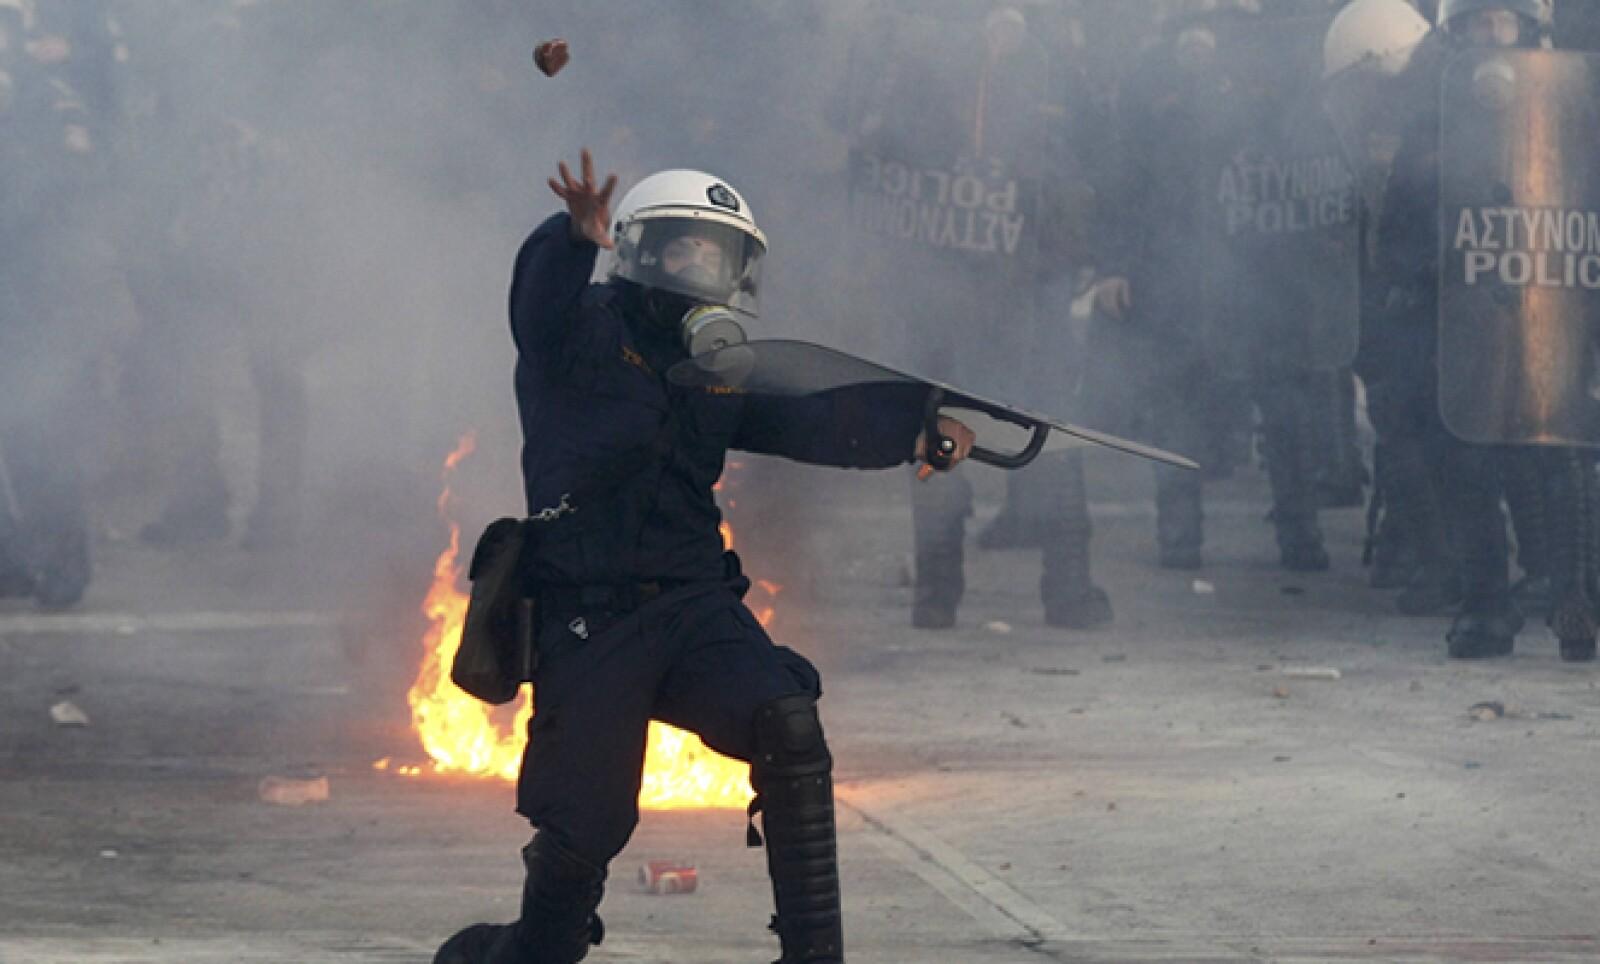 Grecia necesita los fondos del nuevo rescate antes del 20 de marzo para cumplir con pagos por 14,500 millones de euros en vencimiento de bonos.